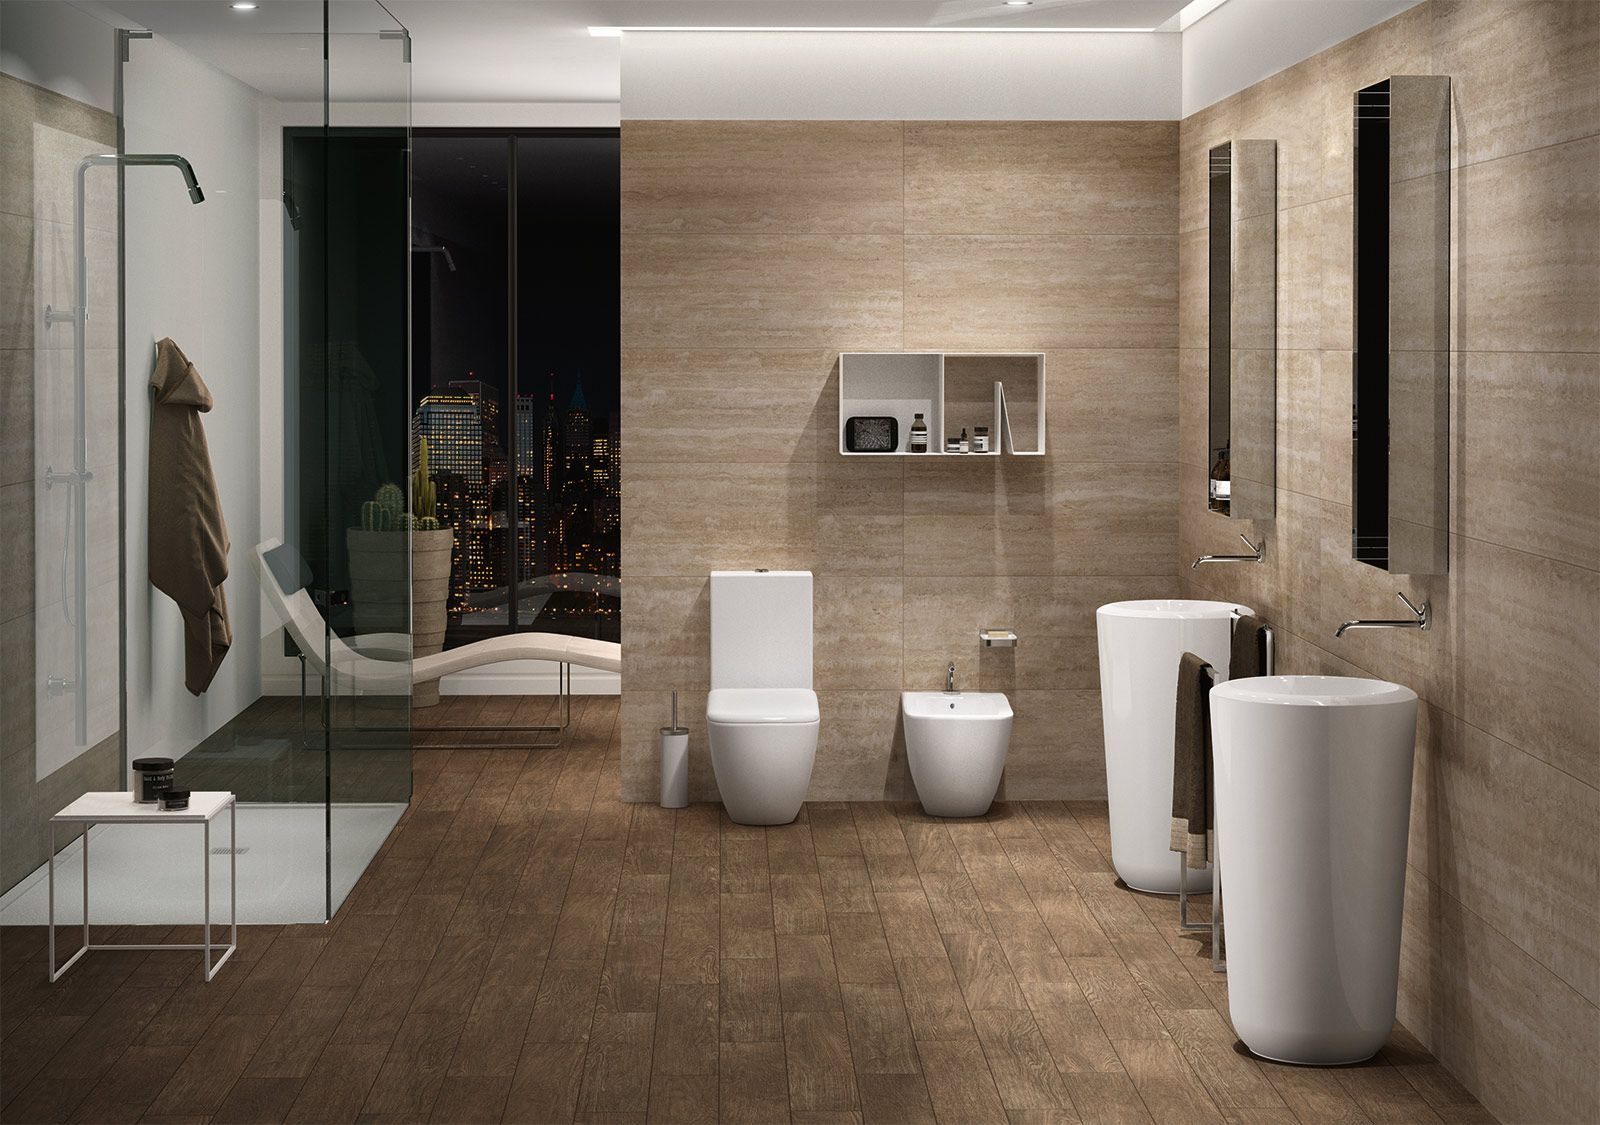 colori bagni moderni. dipingere le pareti del bagno piastrelle ... - Bagni Neri Moderni